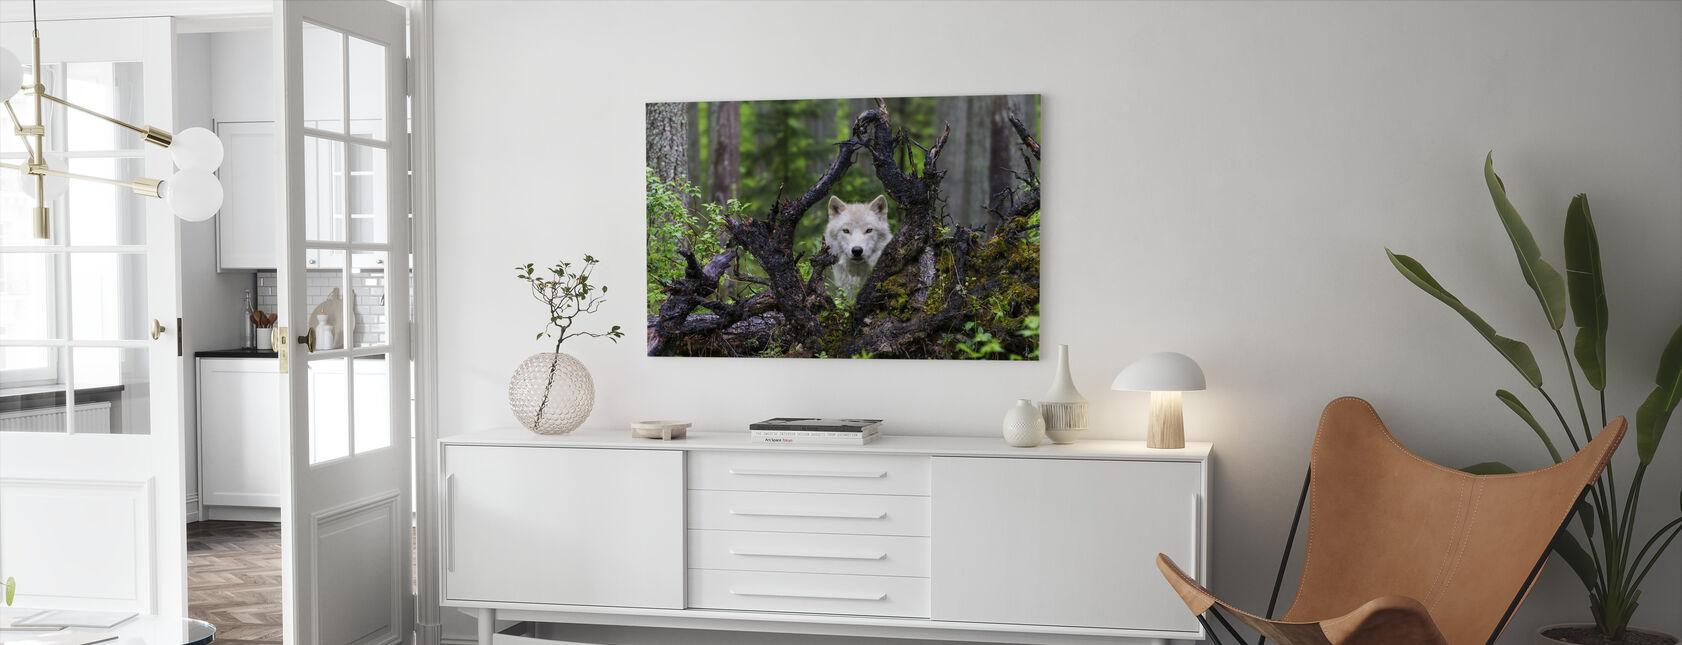 Wolf - Leinwandbild - Wohnzimmer